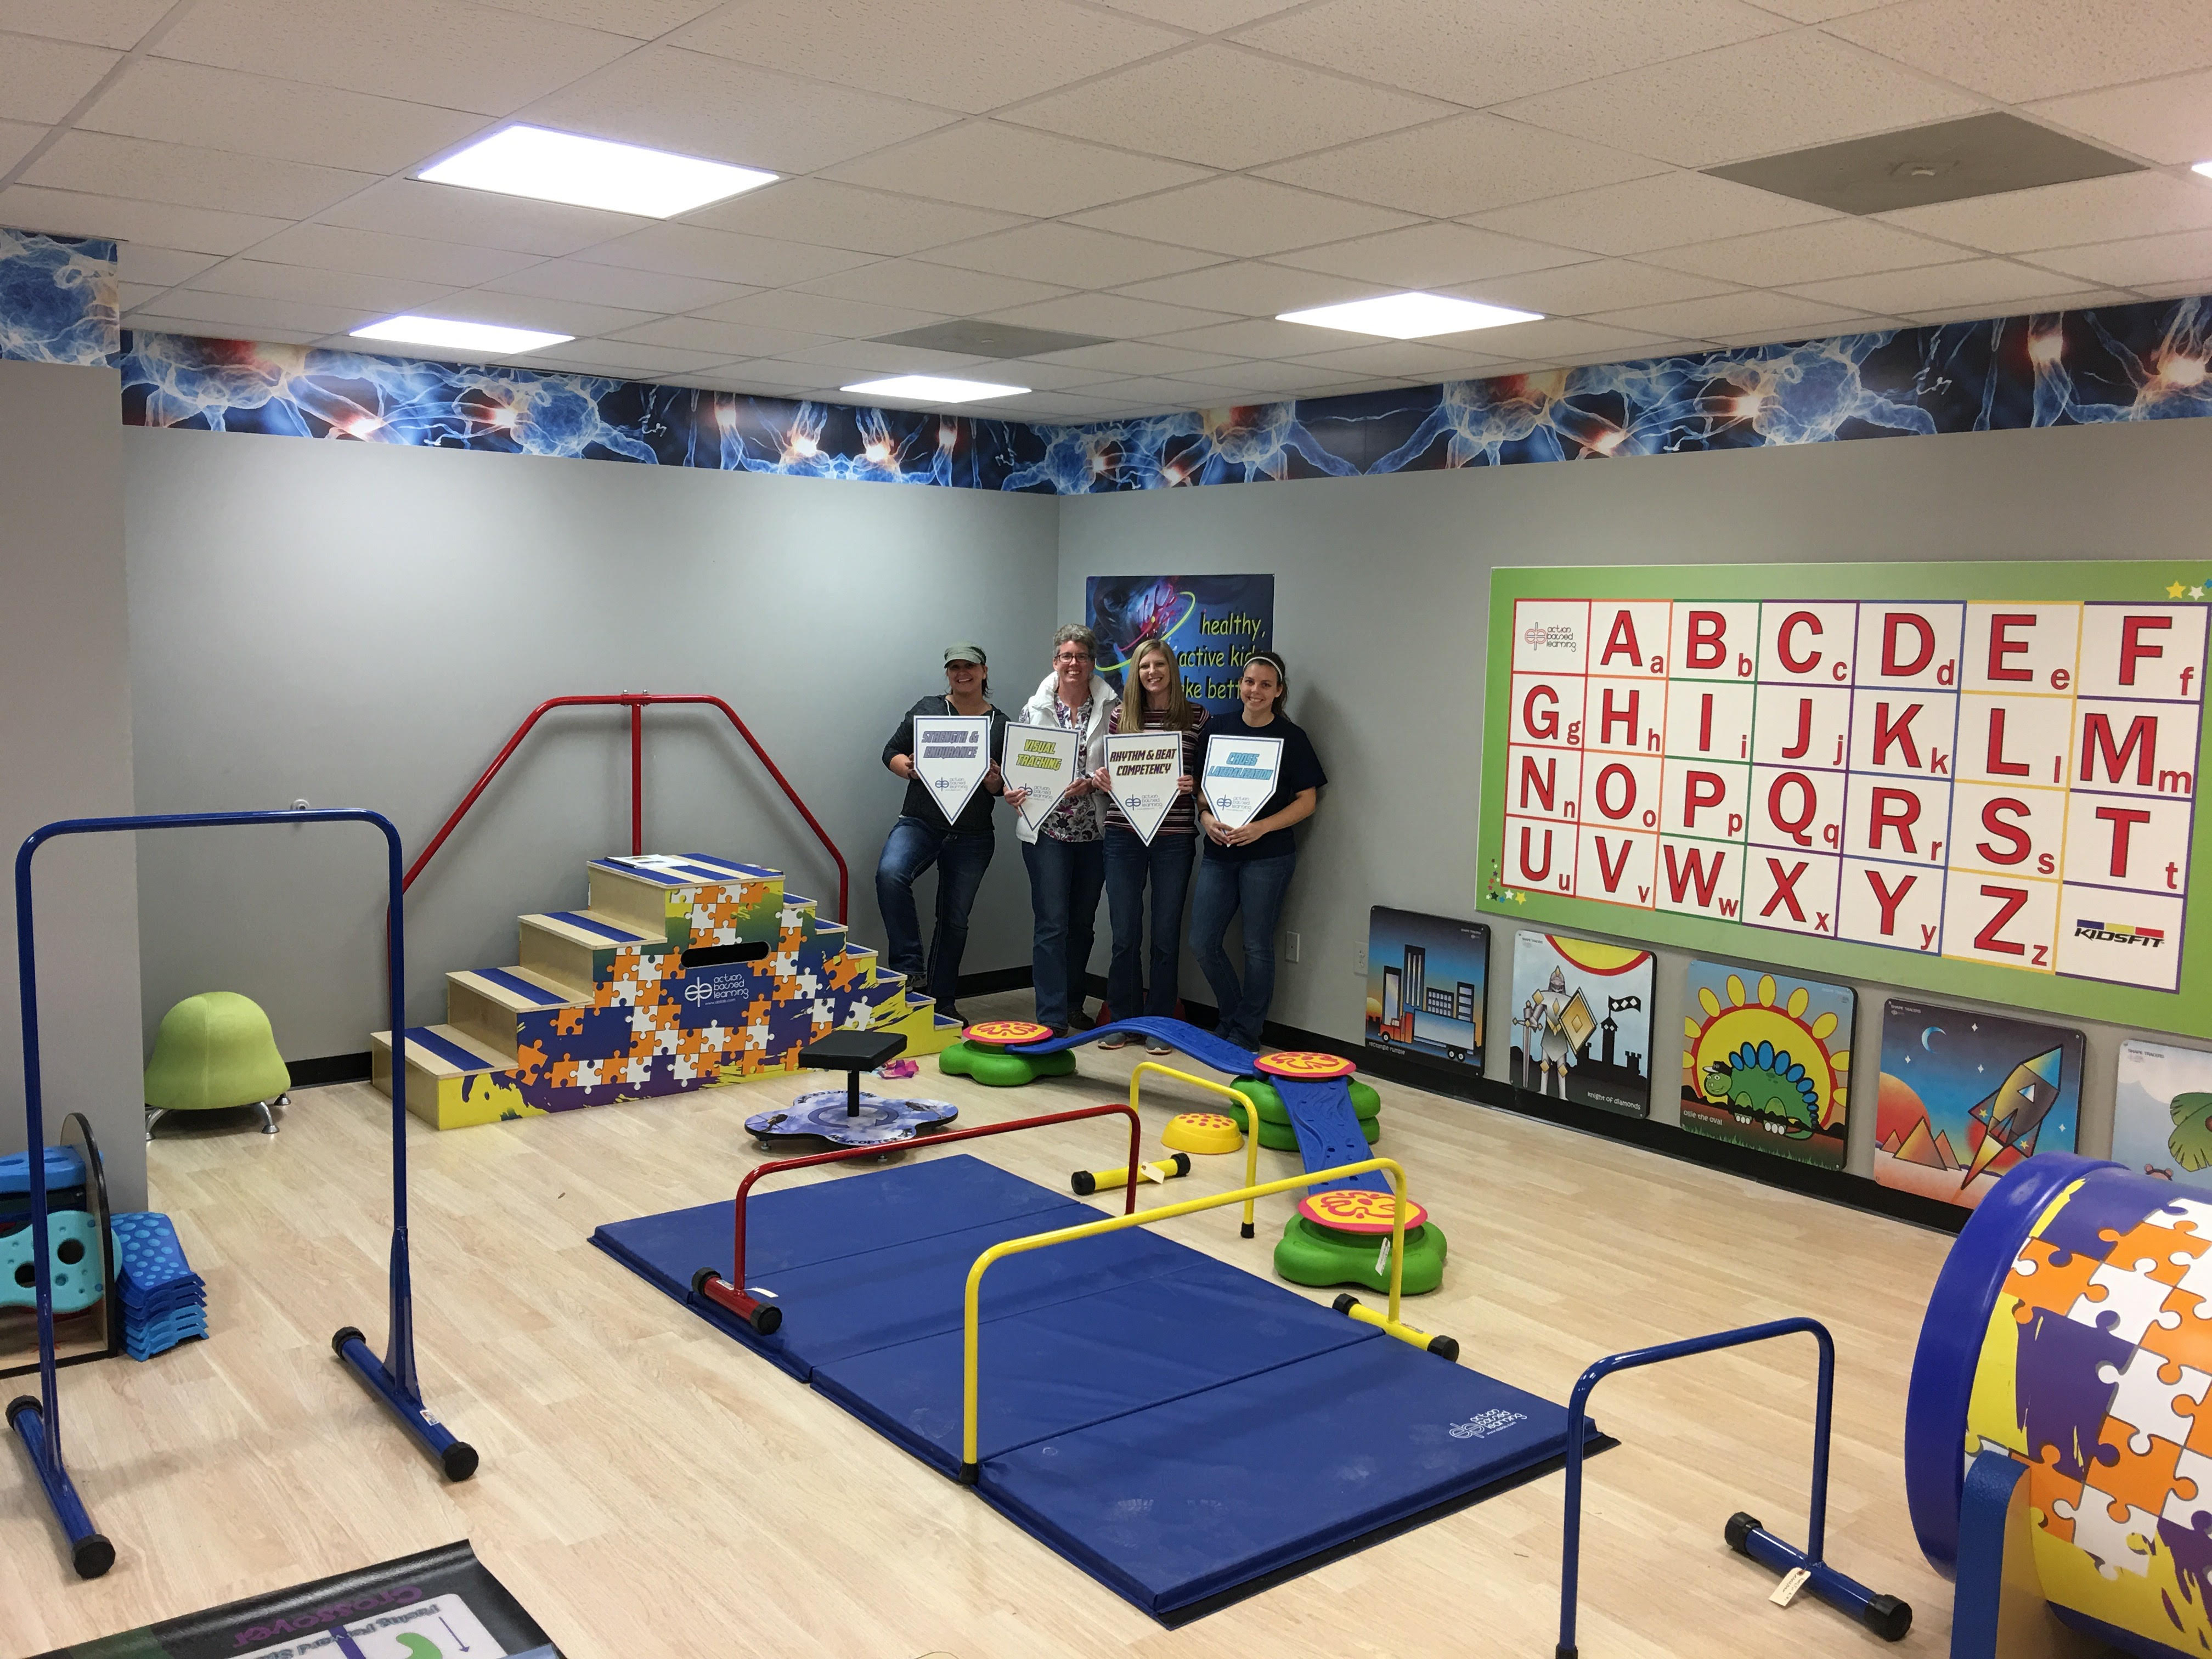 kinetic kids center (1).jpg